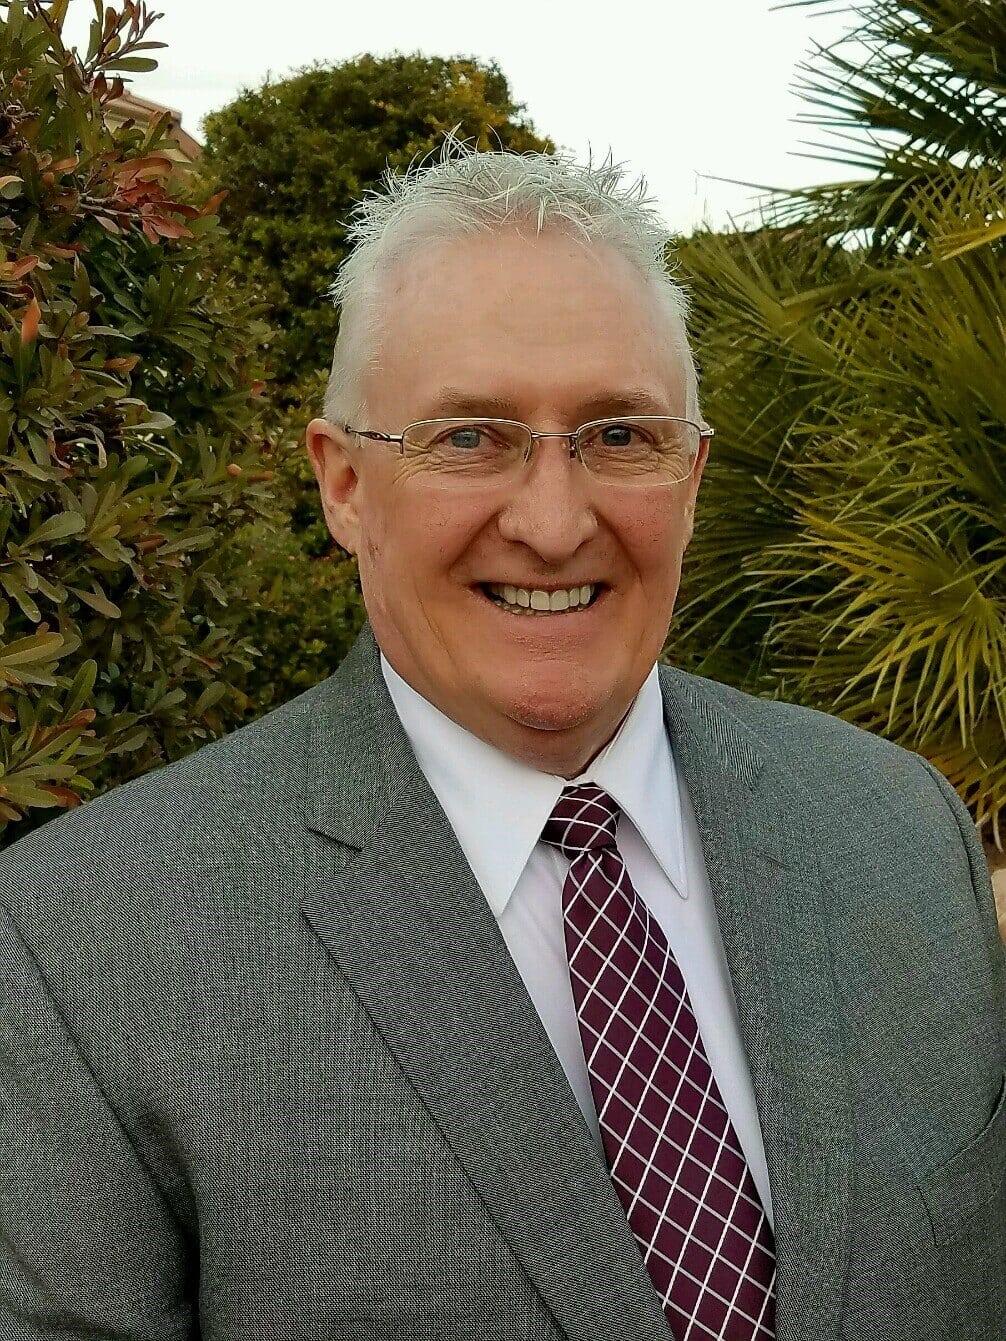 Kevin Tervort